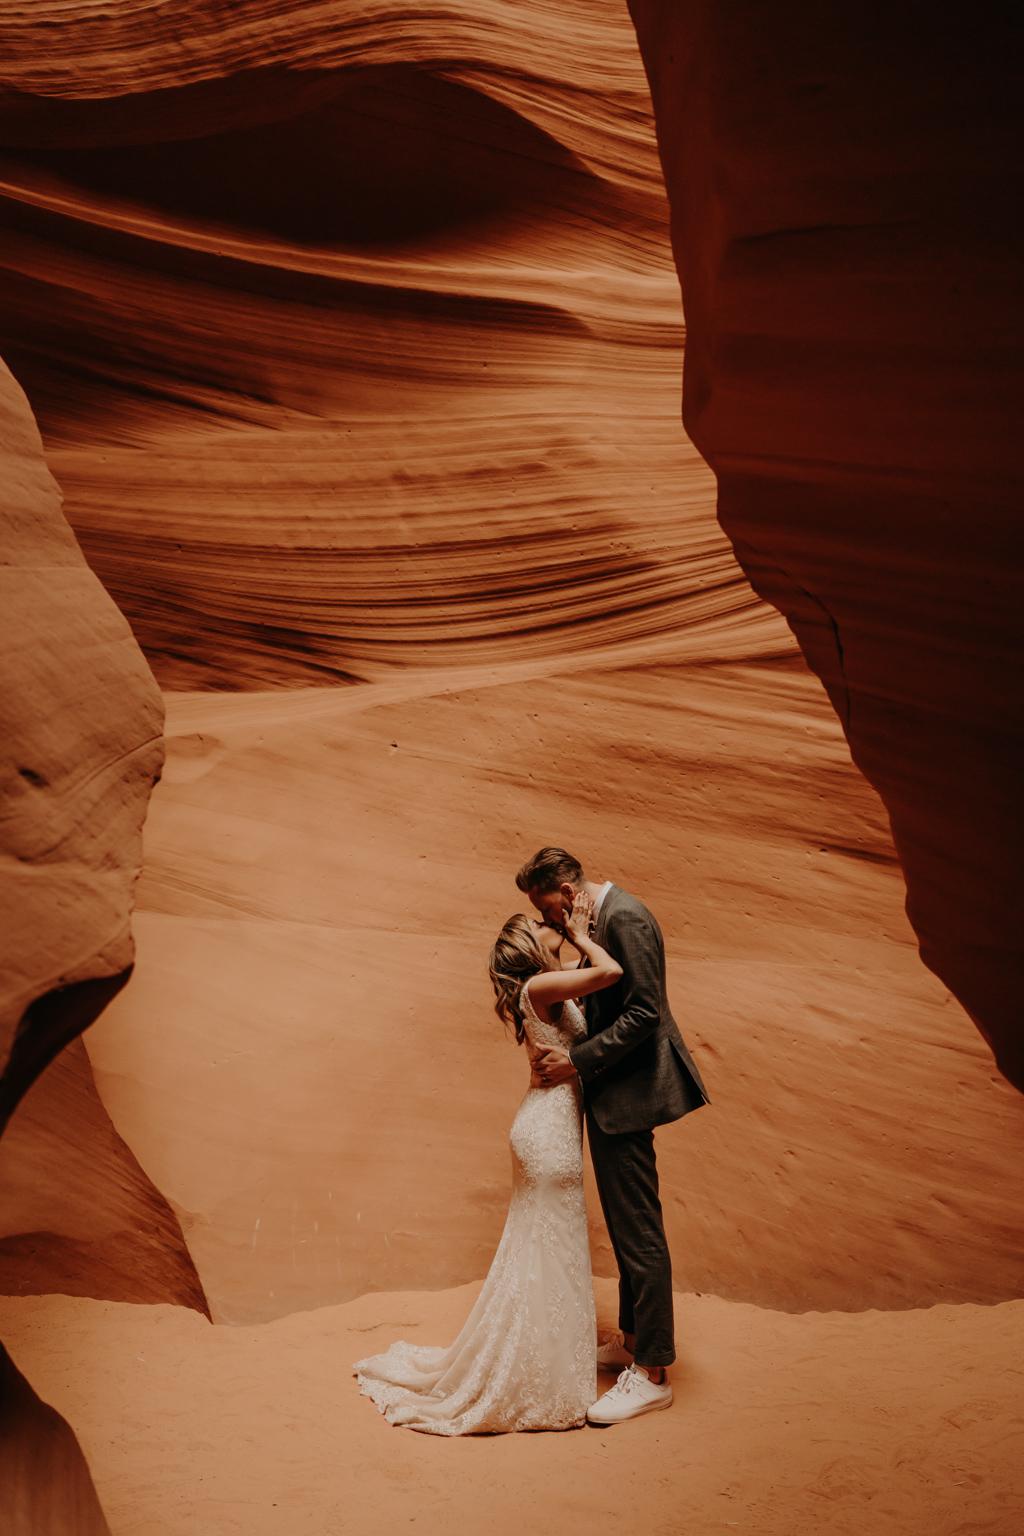 trouweninhetbuitenland_huwelijksfotografie_roxannedankers-38.jpg